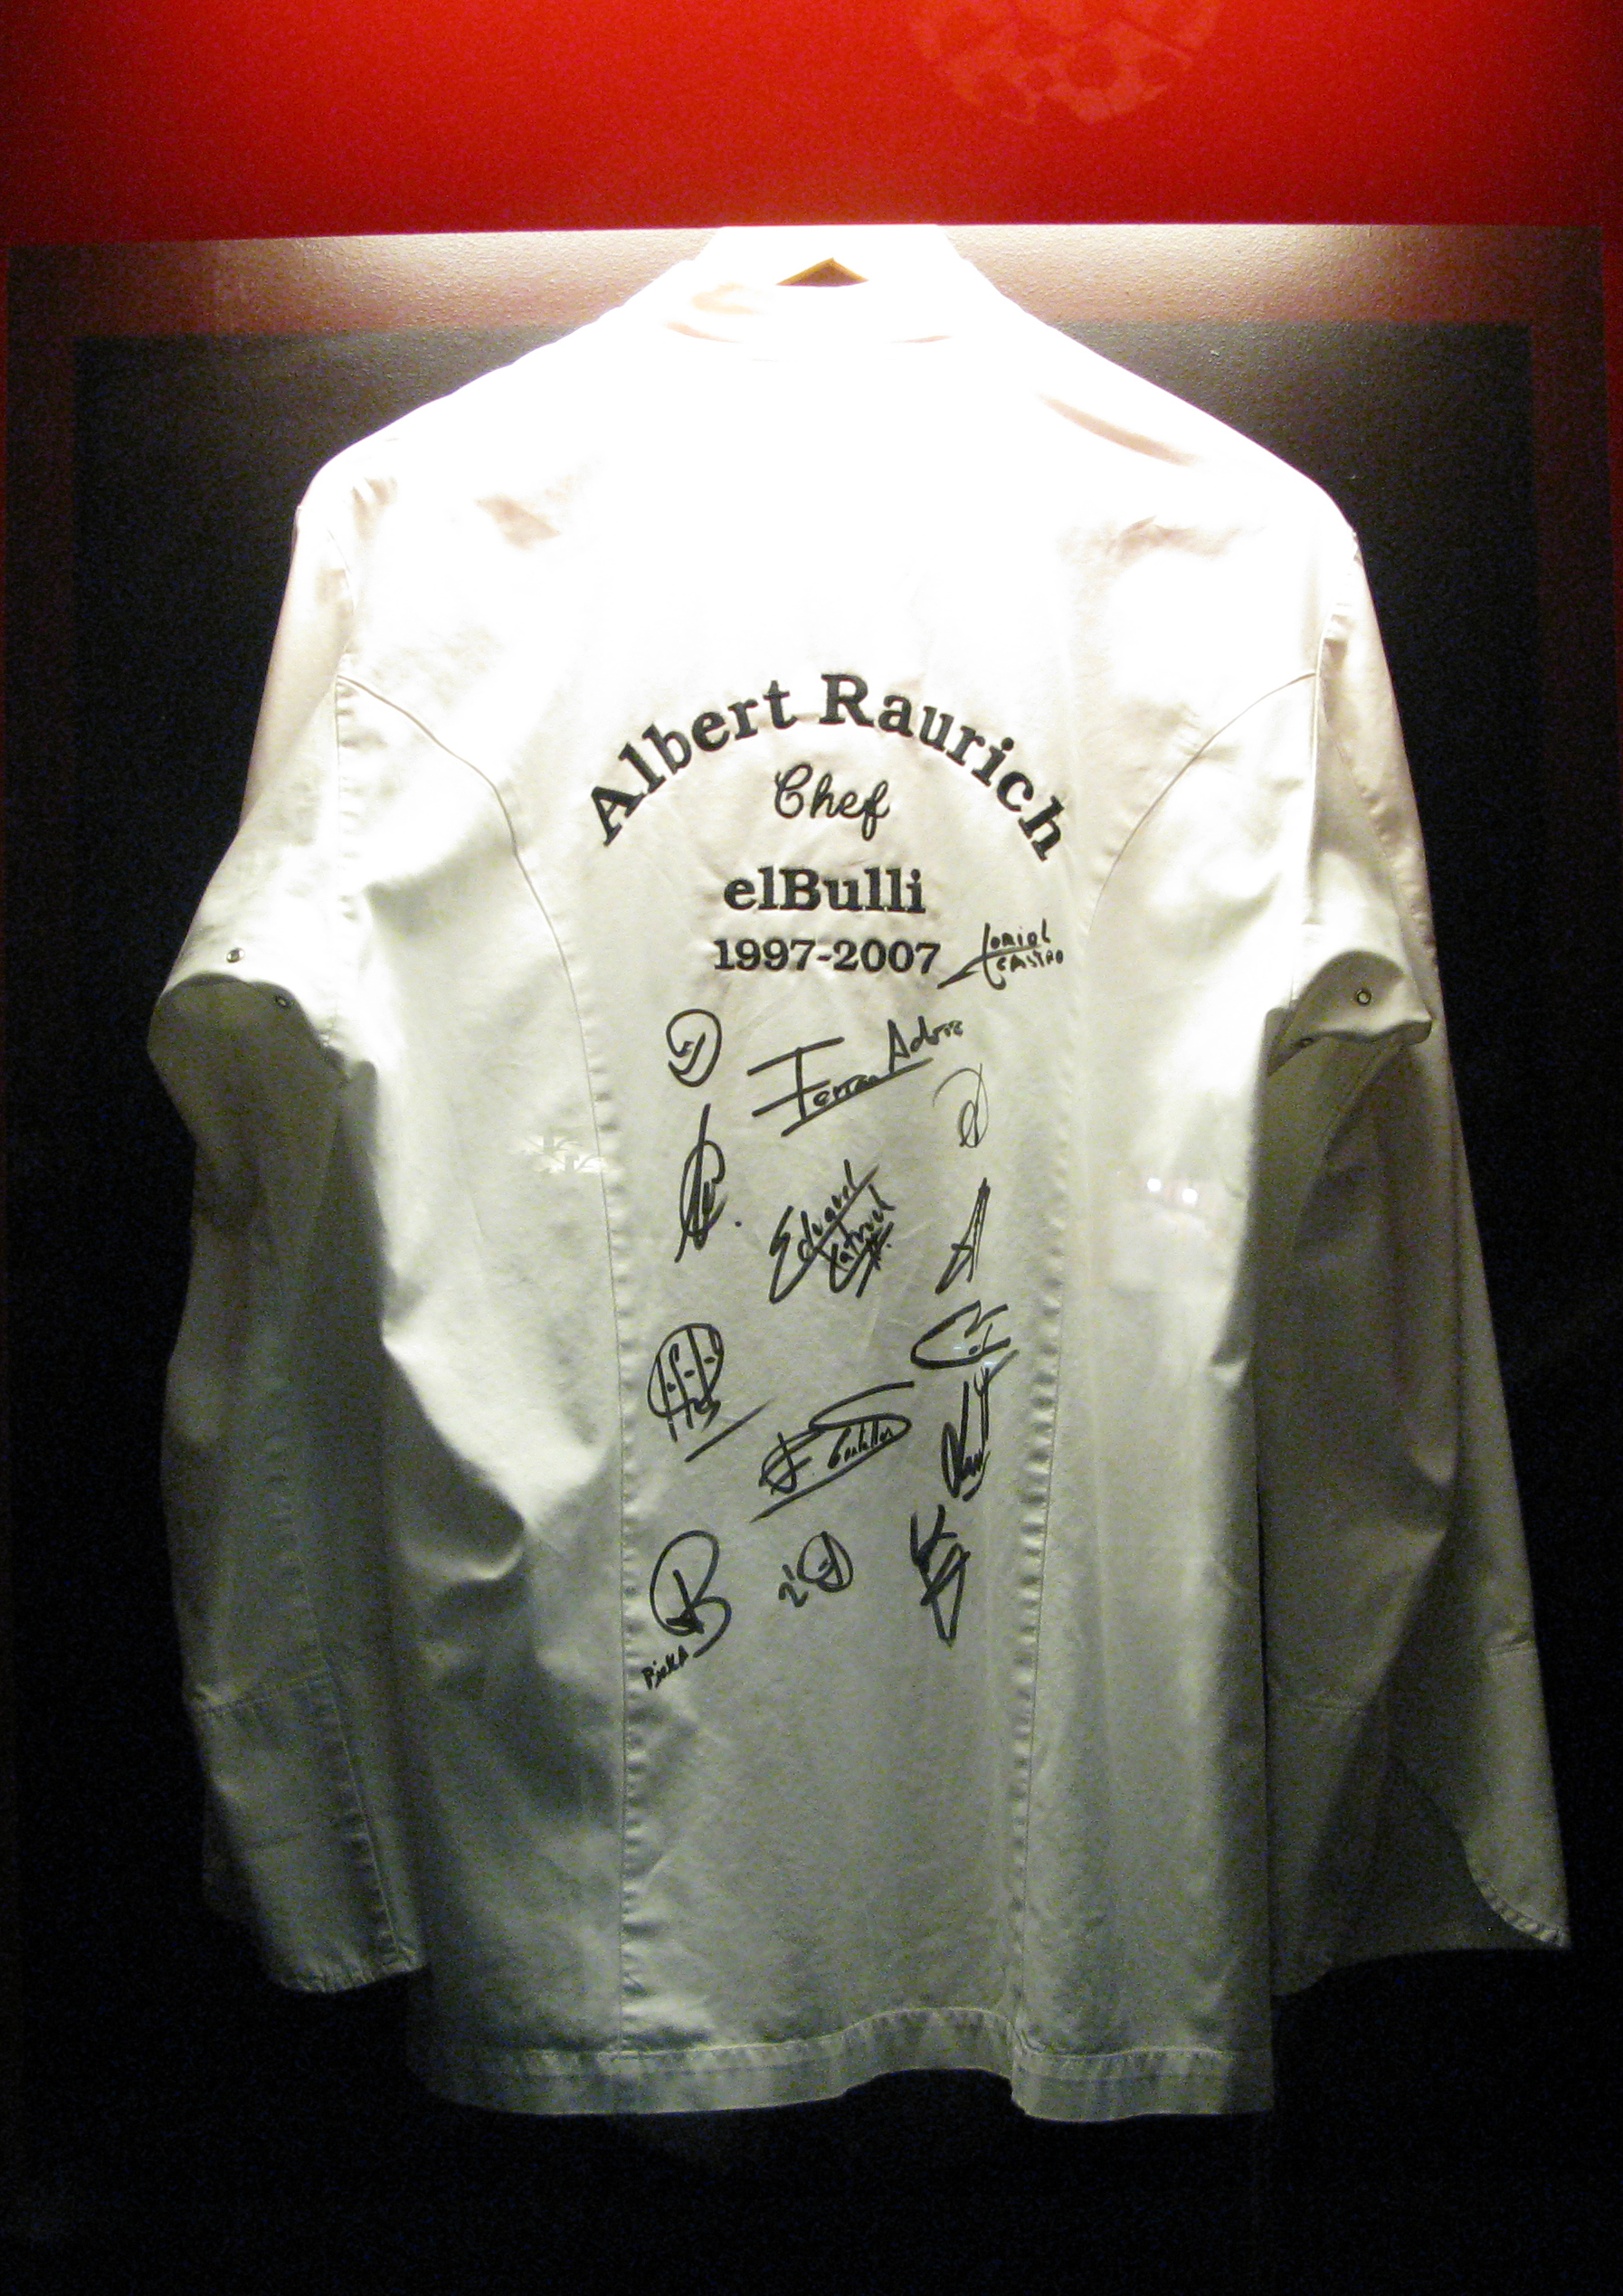 ALBERT RAURICH